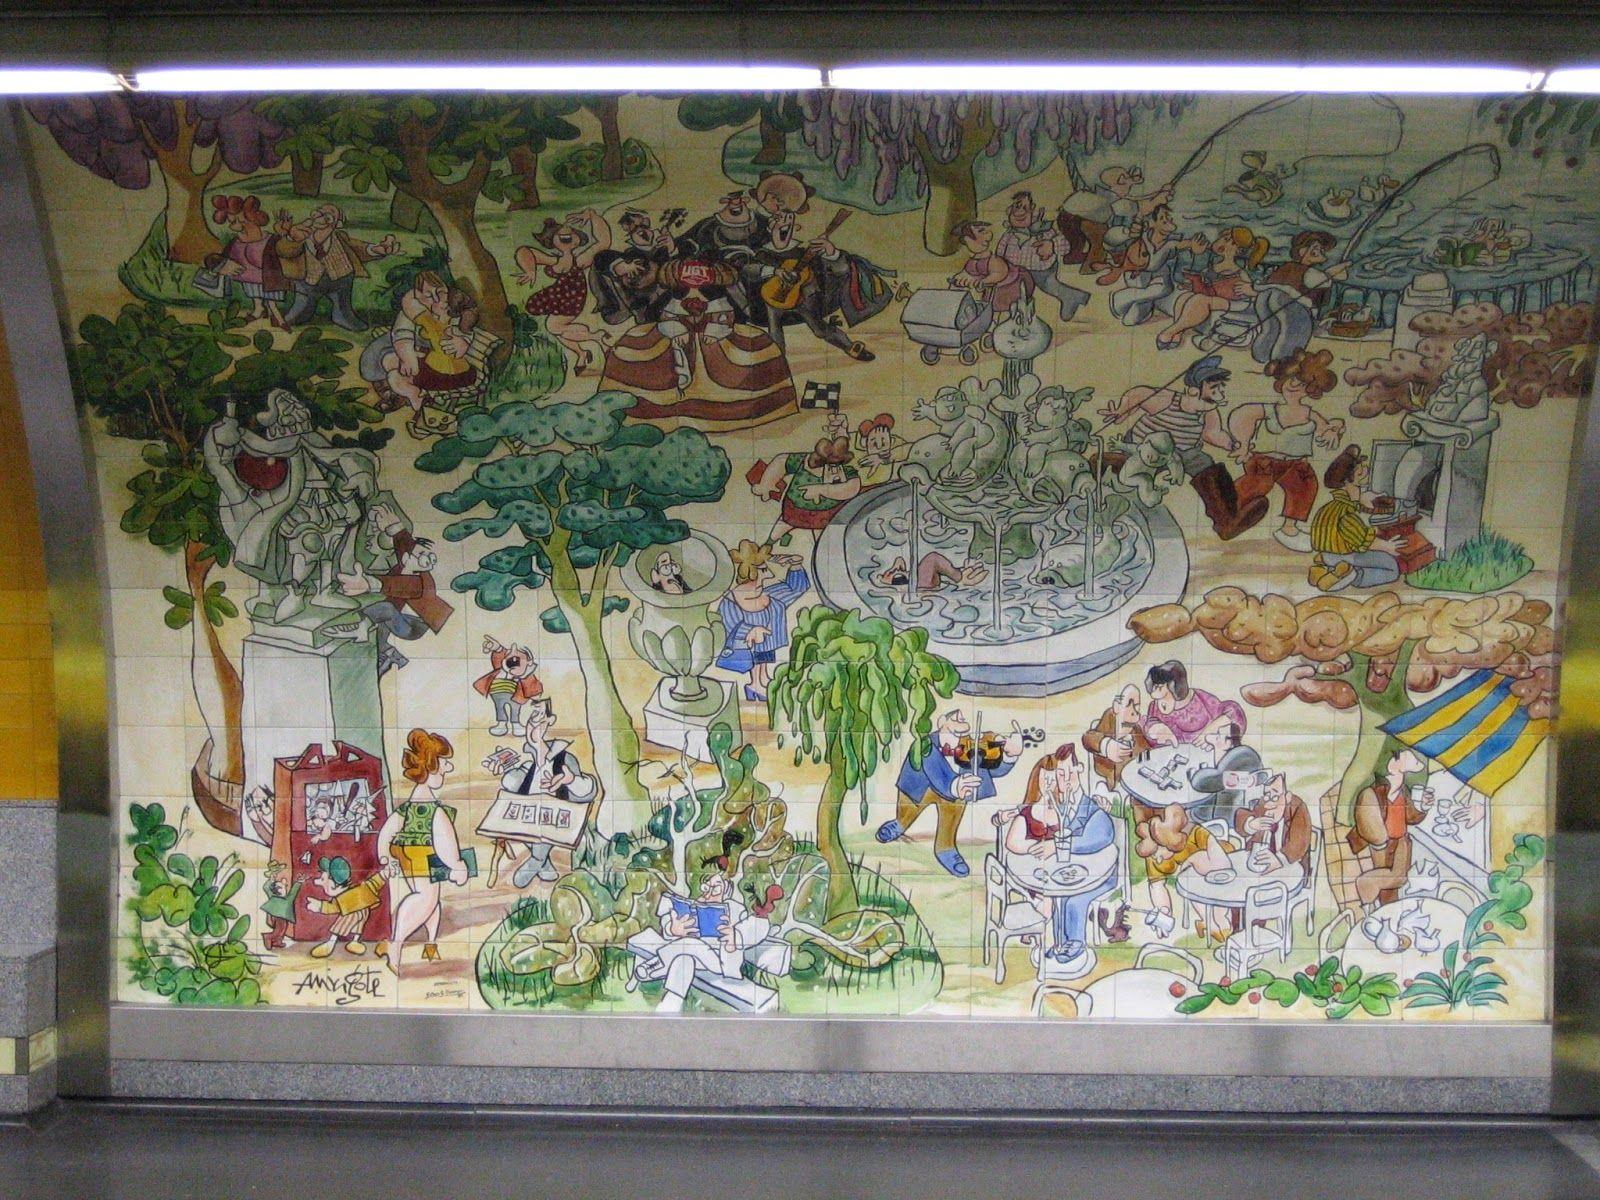 Metro. Estación de Retiro, andén dirección Cuatro Caminos. Pintado por Mingote